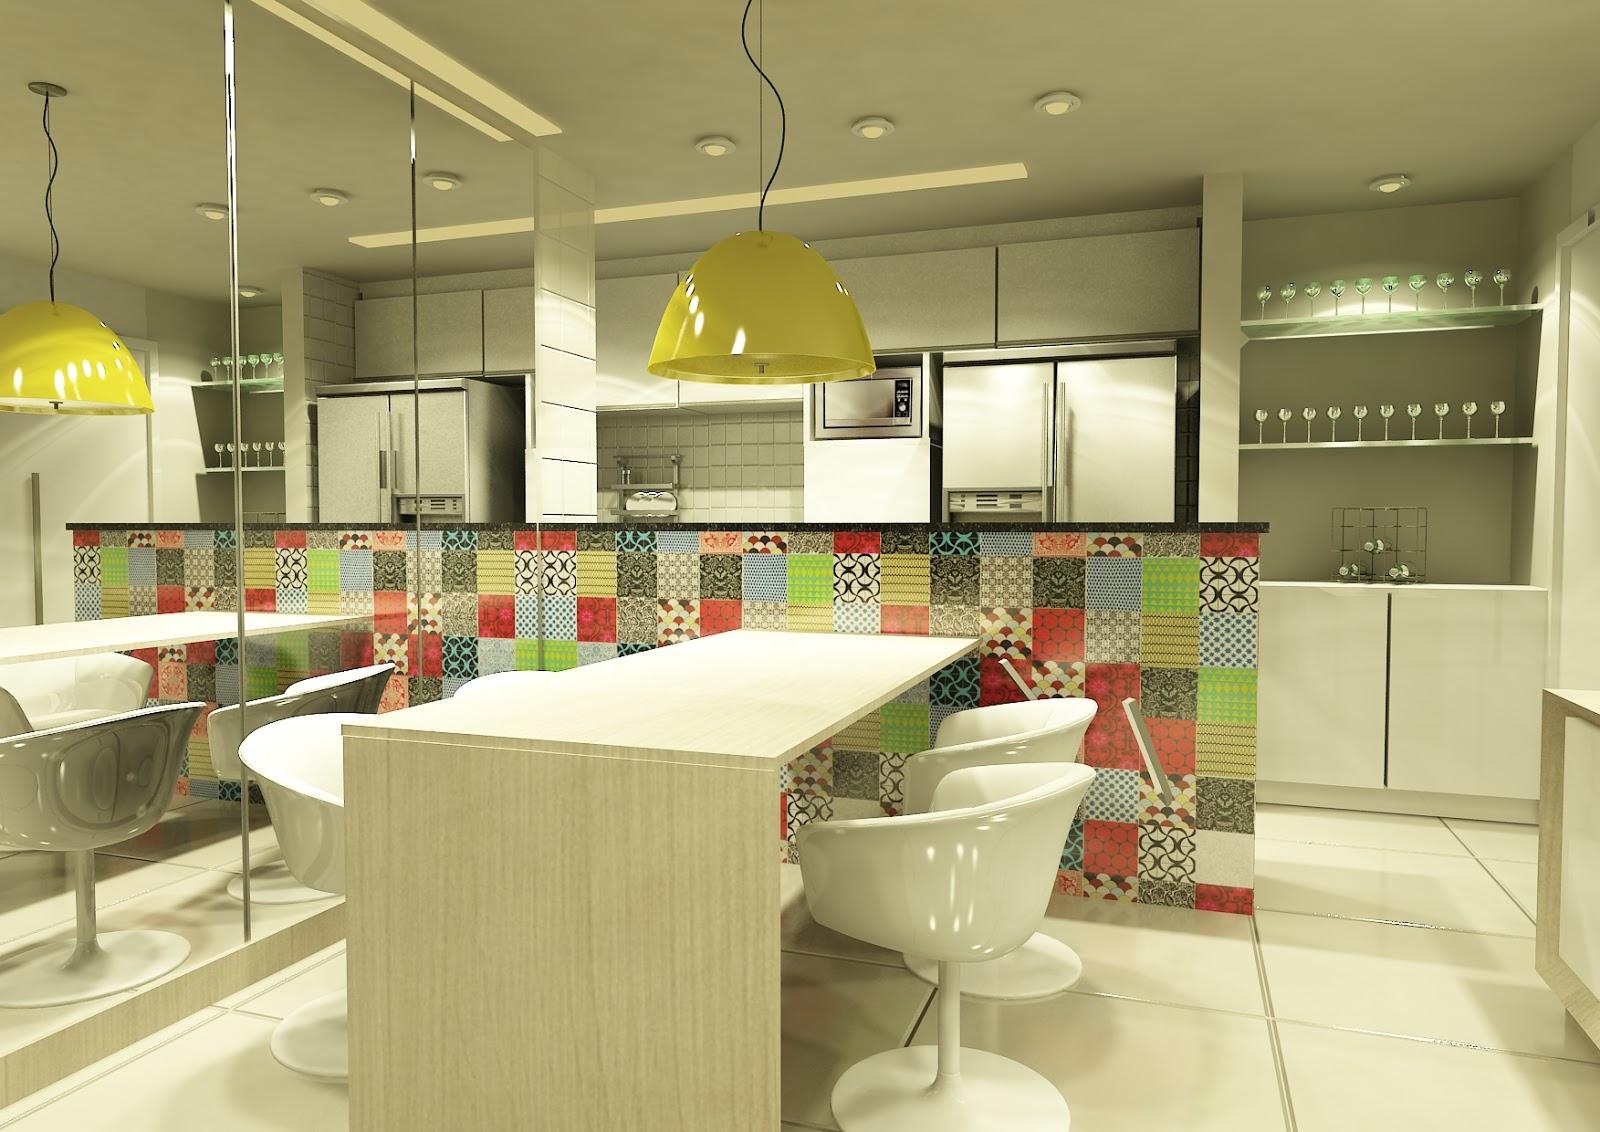 #A8A023 cozinha americana 01 jpg 1600 cozinha americana  01 jpg 1600 1132 see  1600x1132 px Decoração De Cozinha Simples_130 Imagens